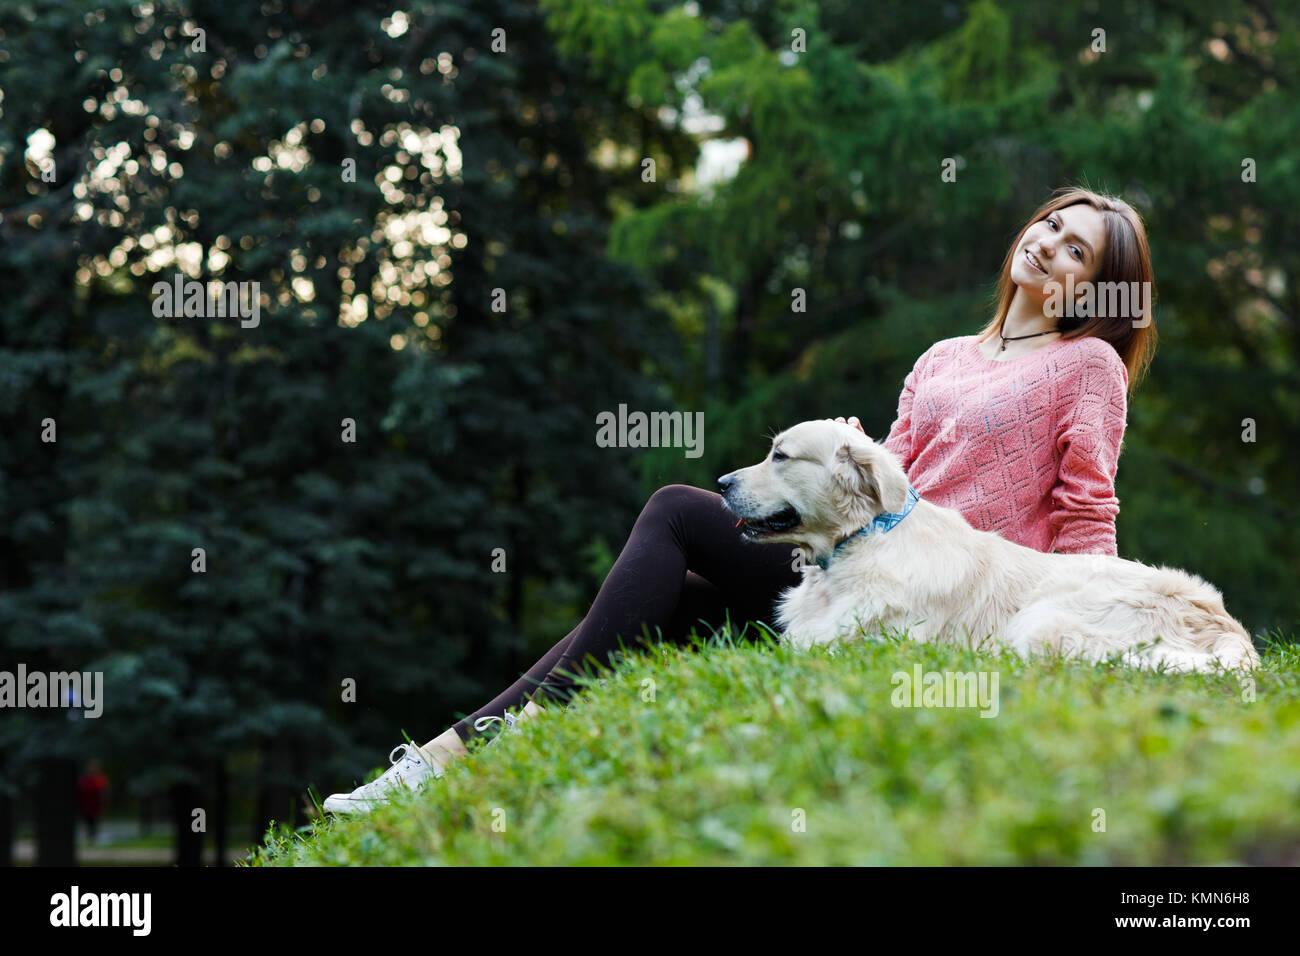 Foto von unten der sitzende Frau mit Hund auf dem grünen Rasen Stockbild